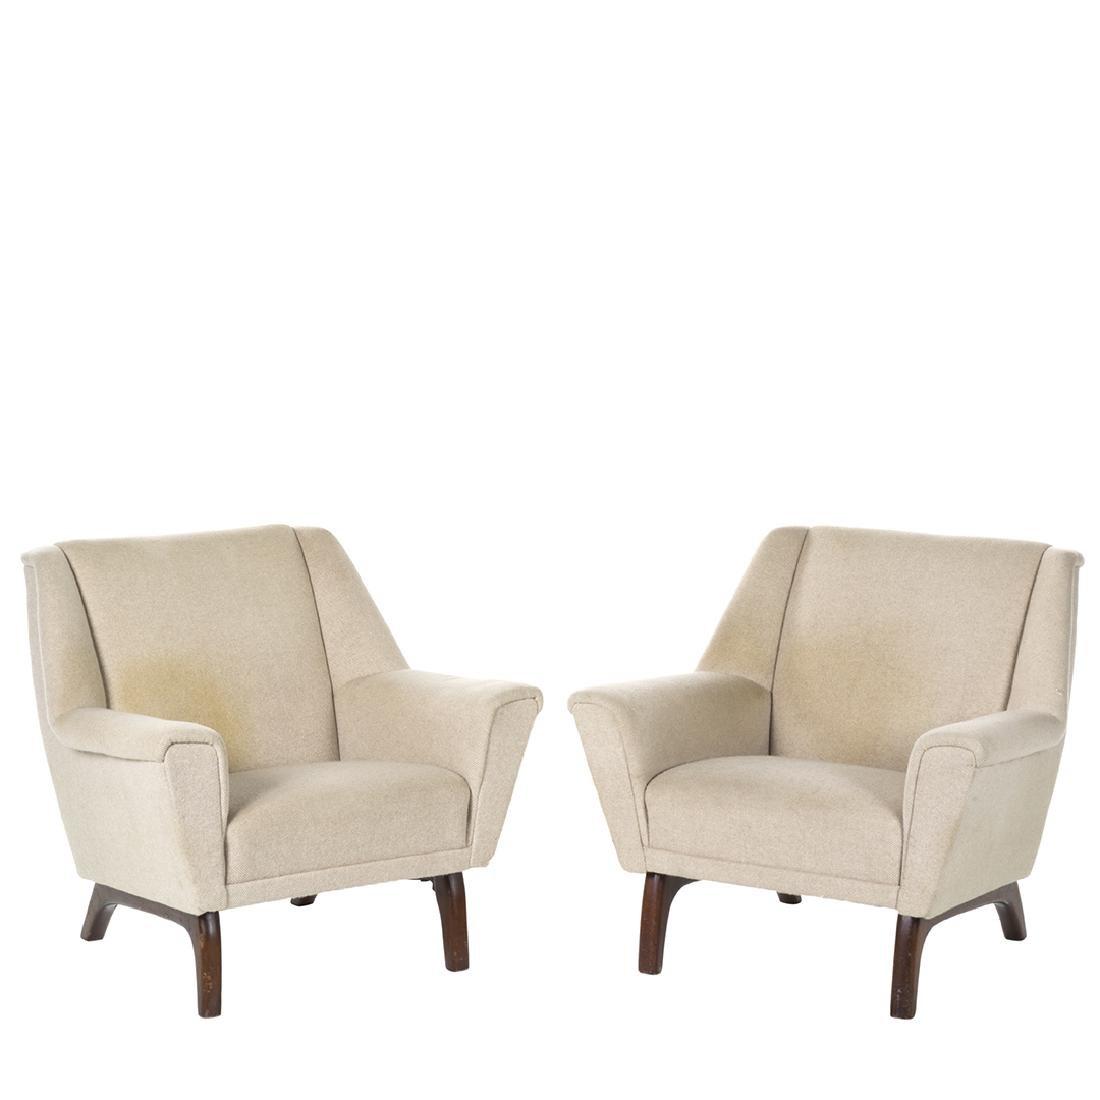 Danish Wool Lounge Chairs (2)